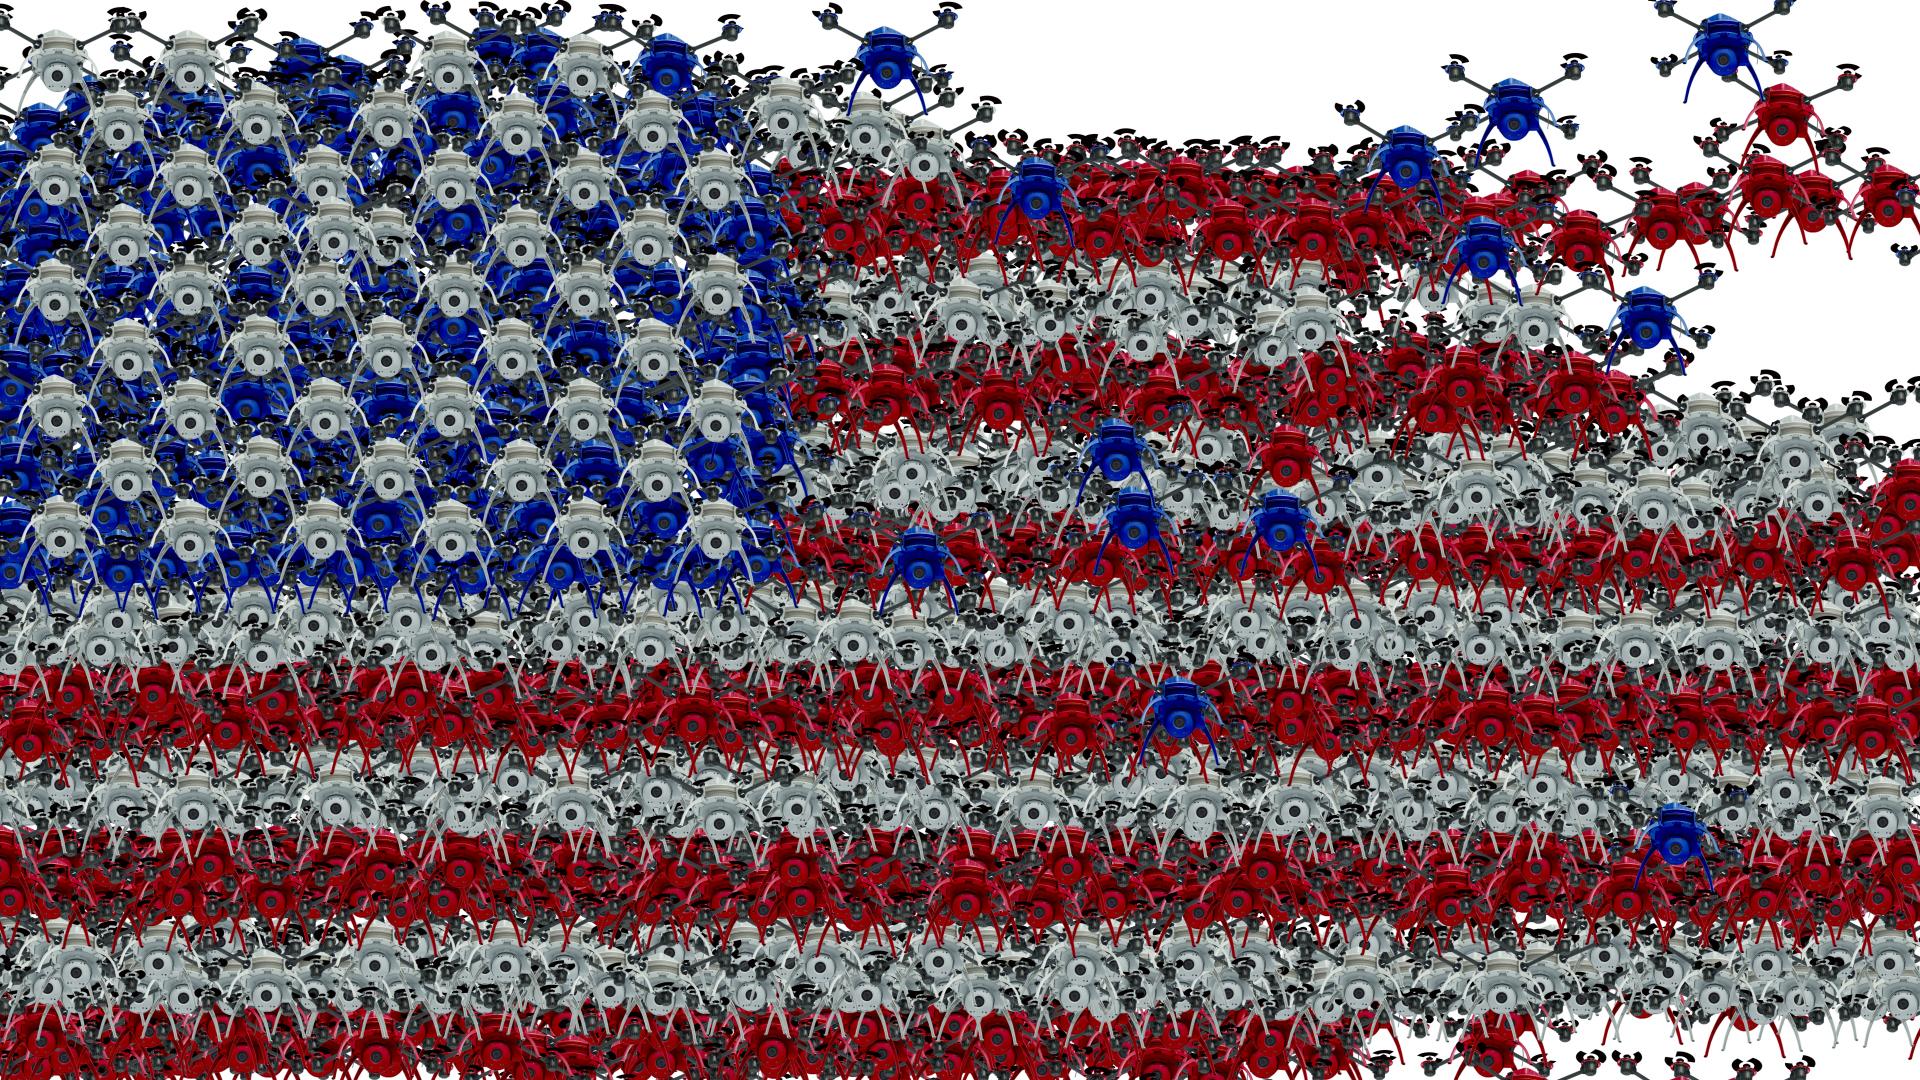 CEvans_Flag(Drones)_Still04.jpg